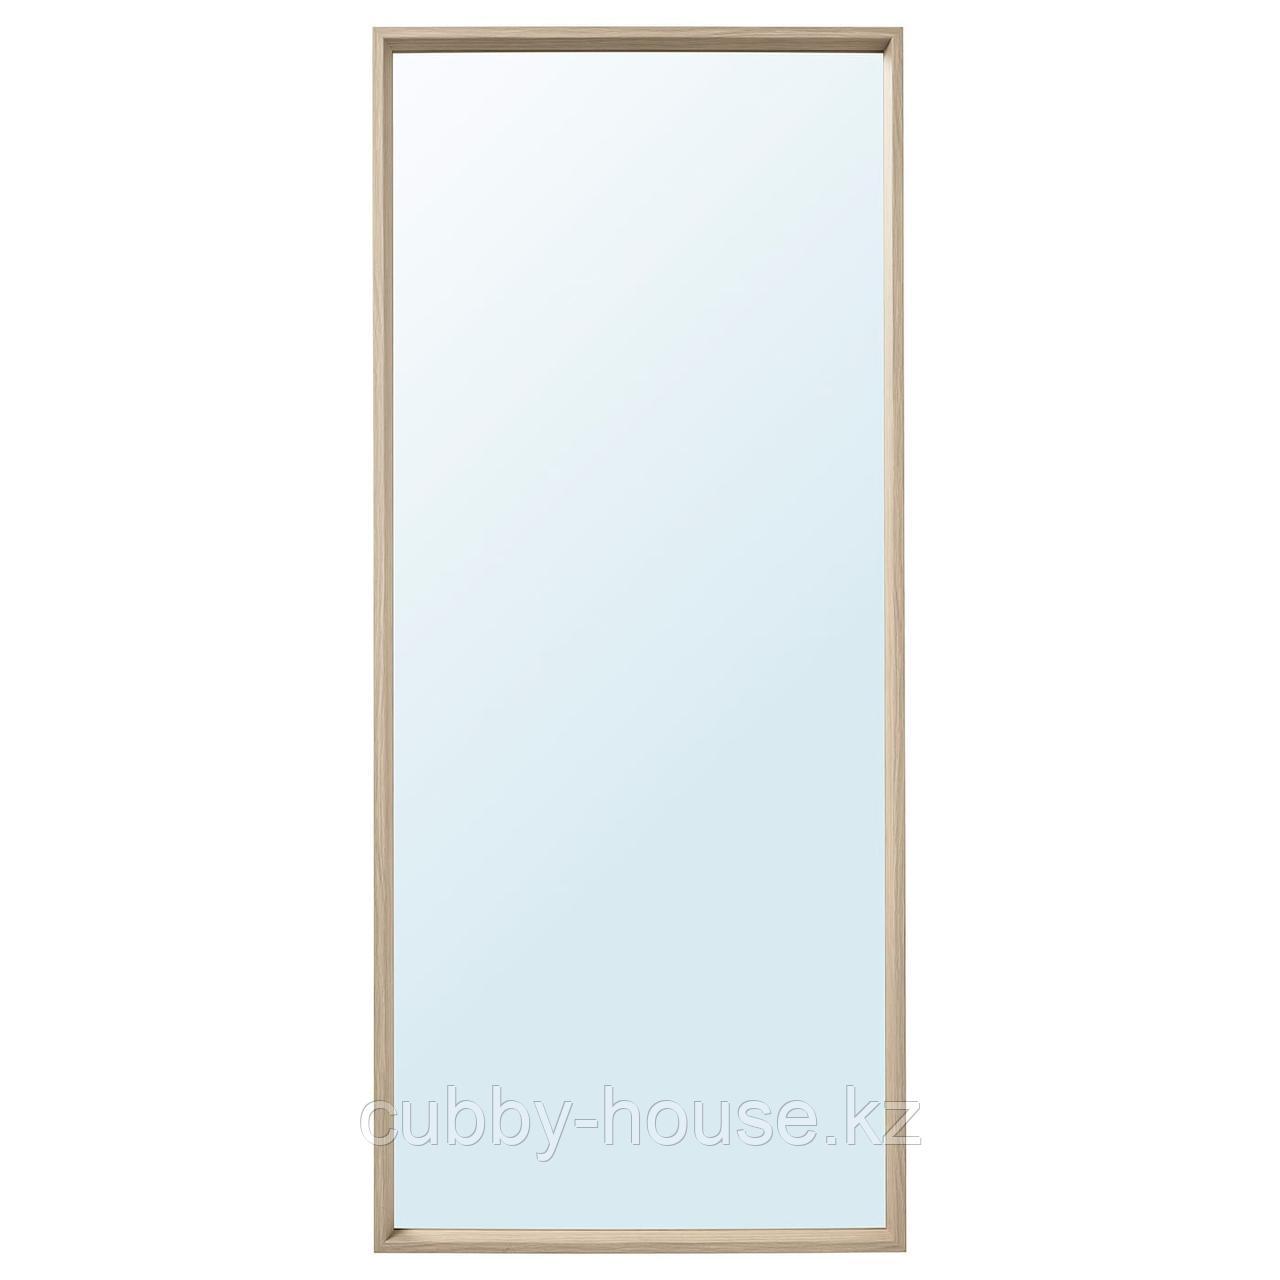 НИССЕДАЛЬ Зеркало, белый, 65x150 см